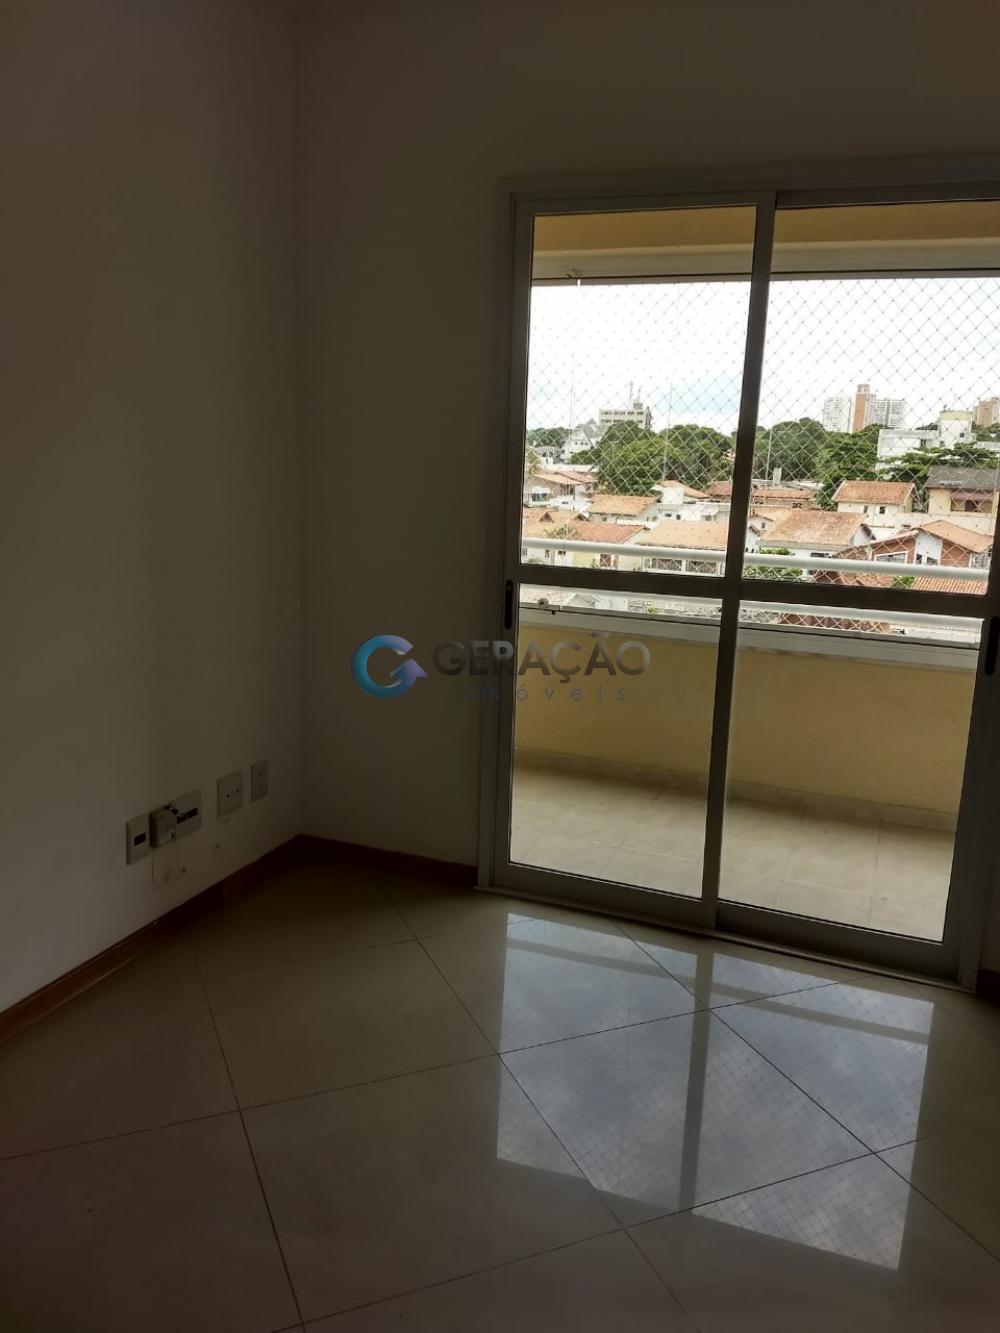 Comprar Apartamento / Padrão em São José dos Campos apenas R$ 425.000,00 - Foto 2